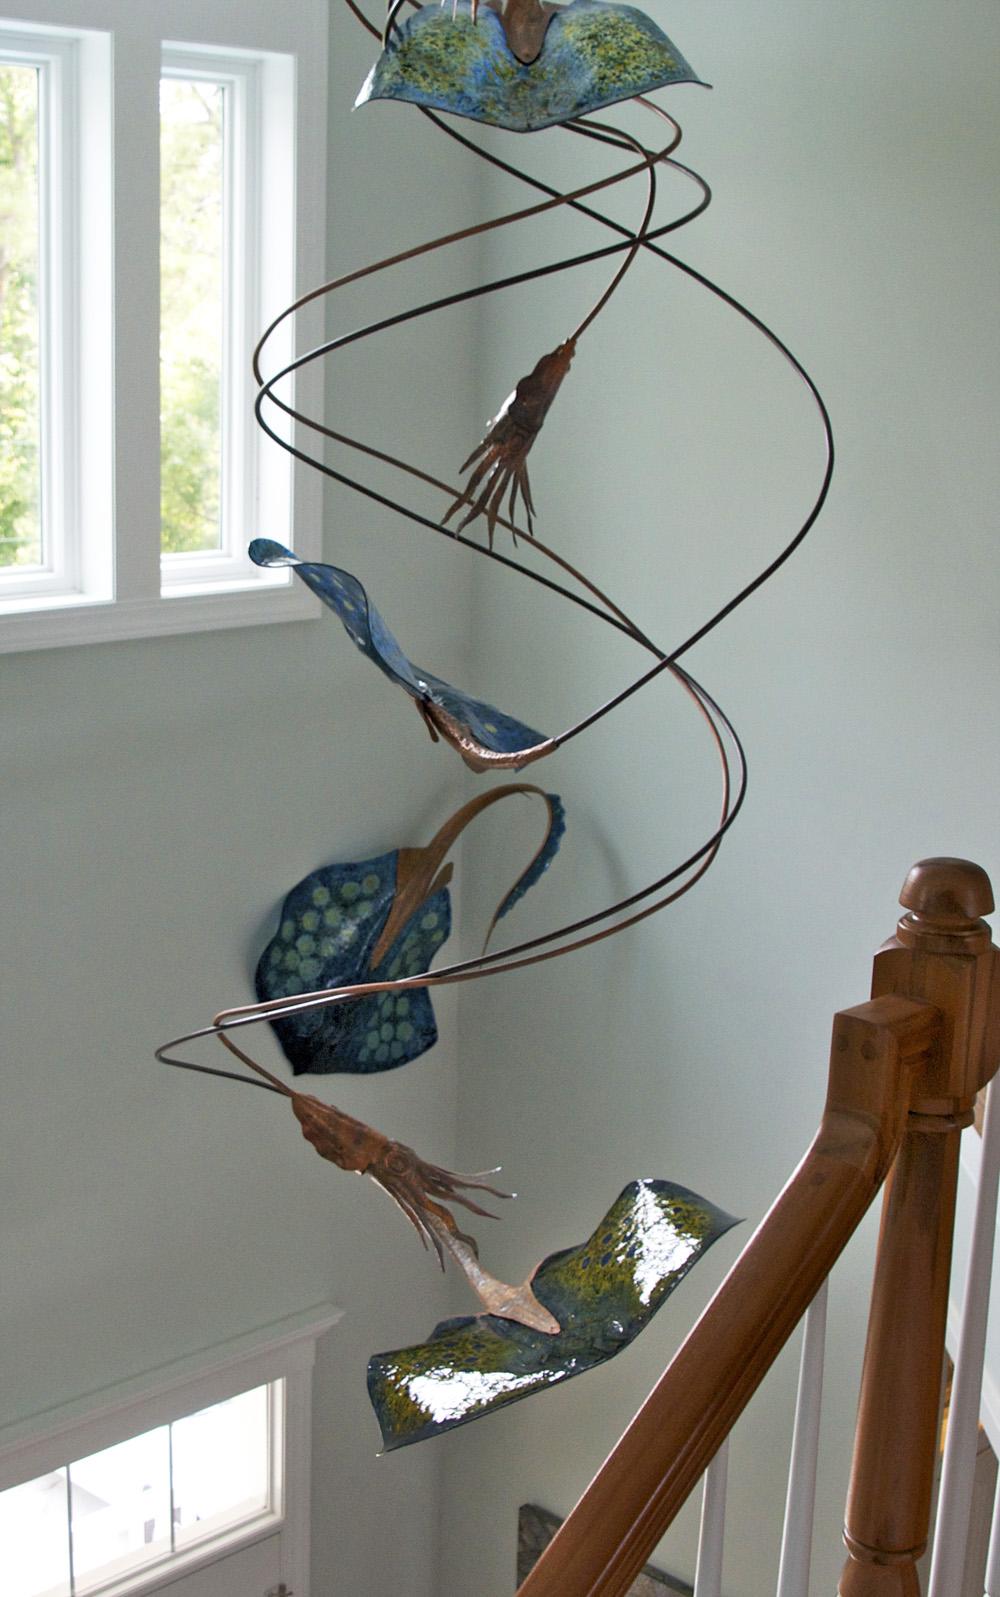 Art Glass Foyer Light : Stan harmon glass art sculpture